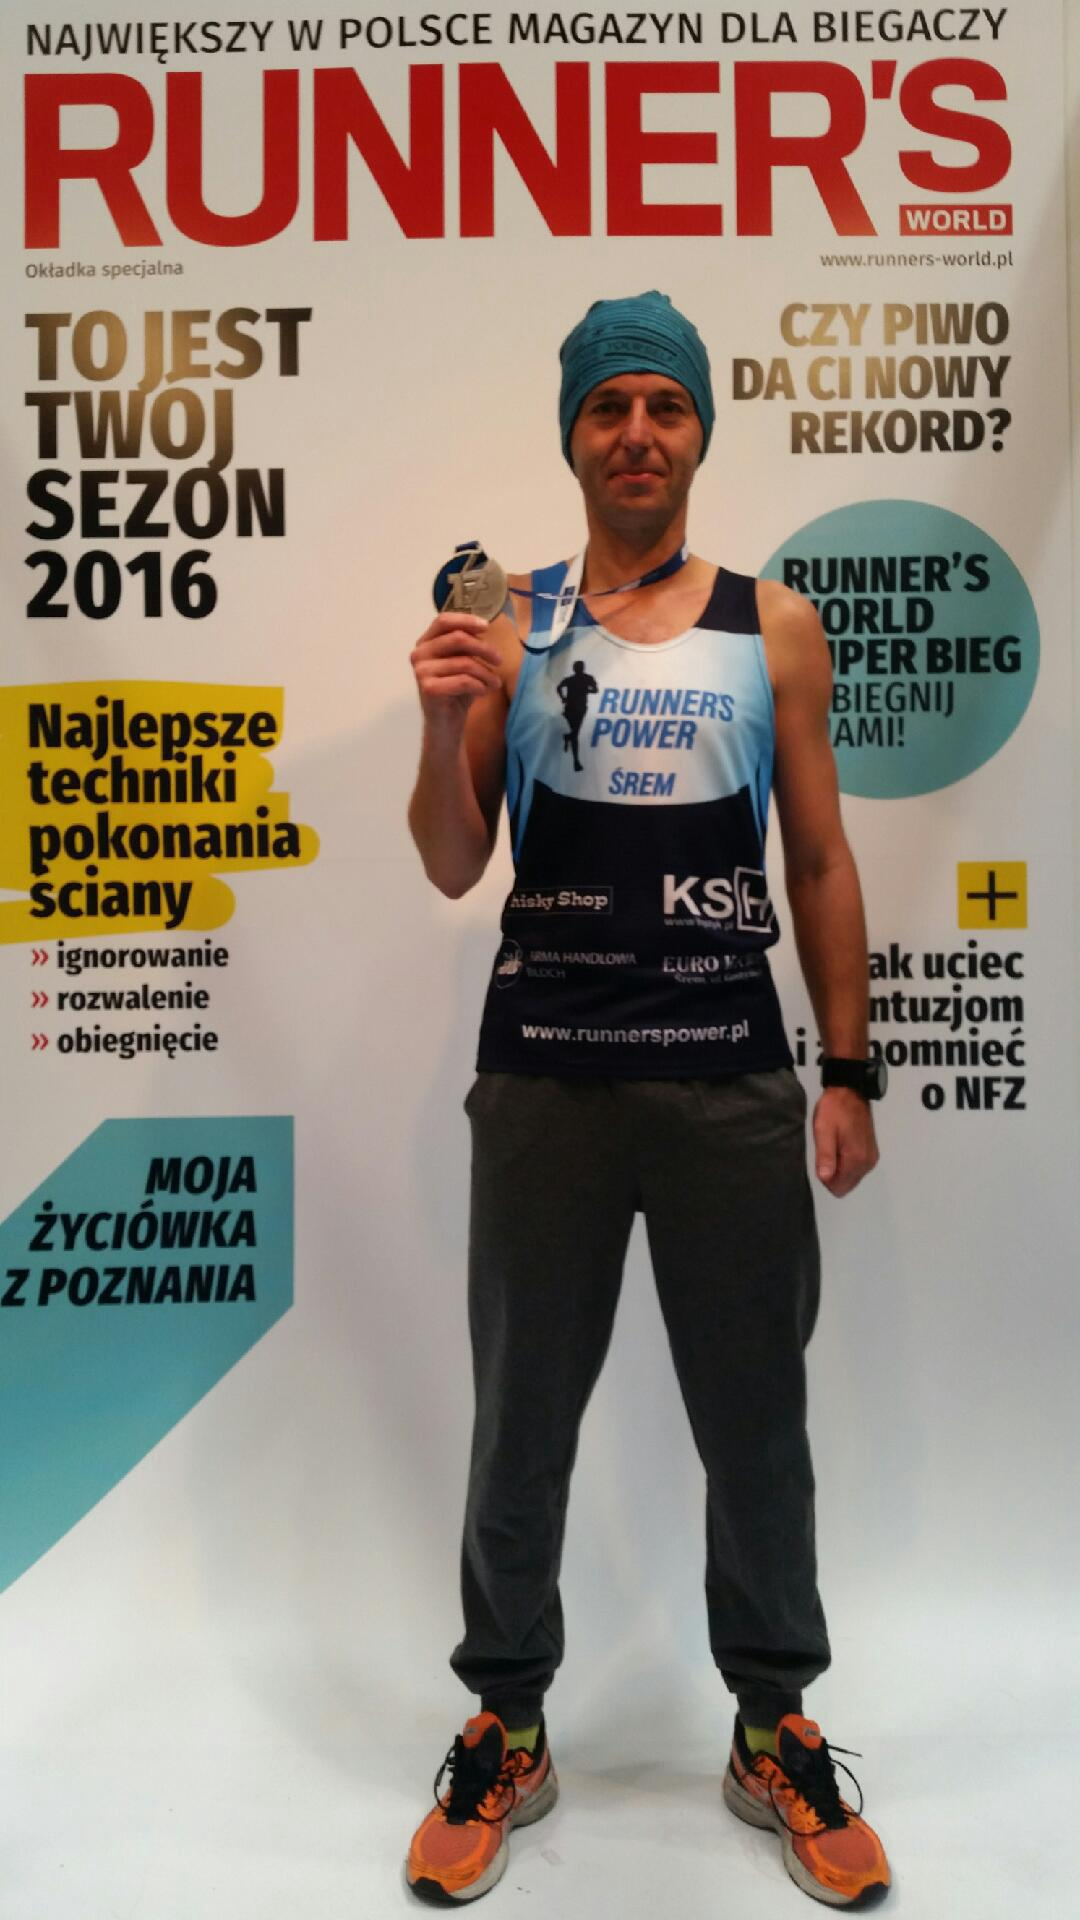 Michał Chudziński